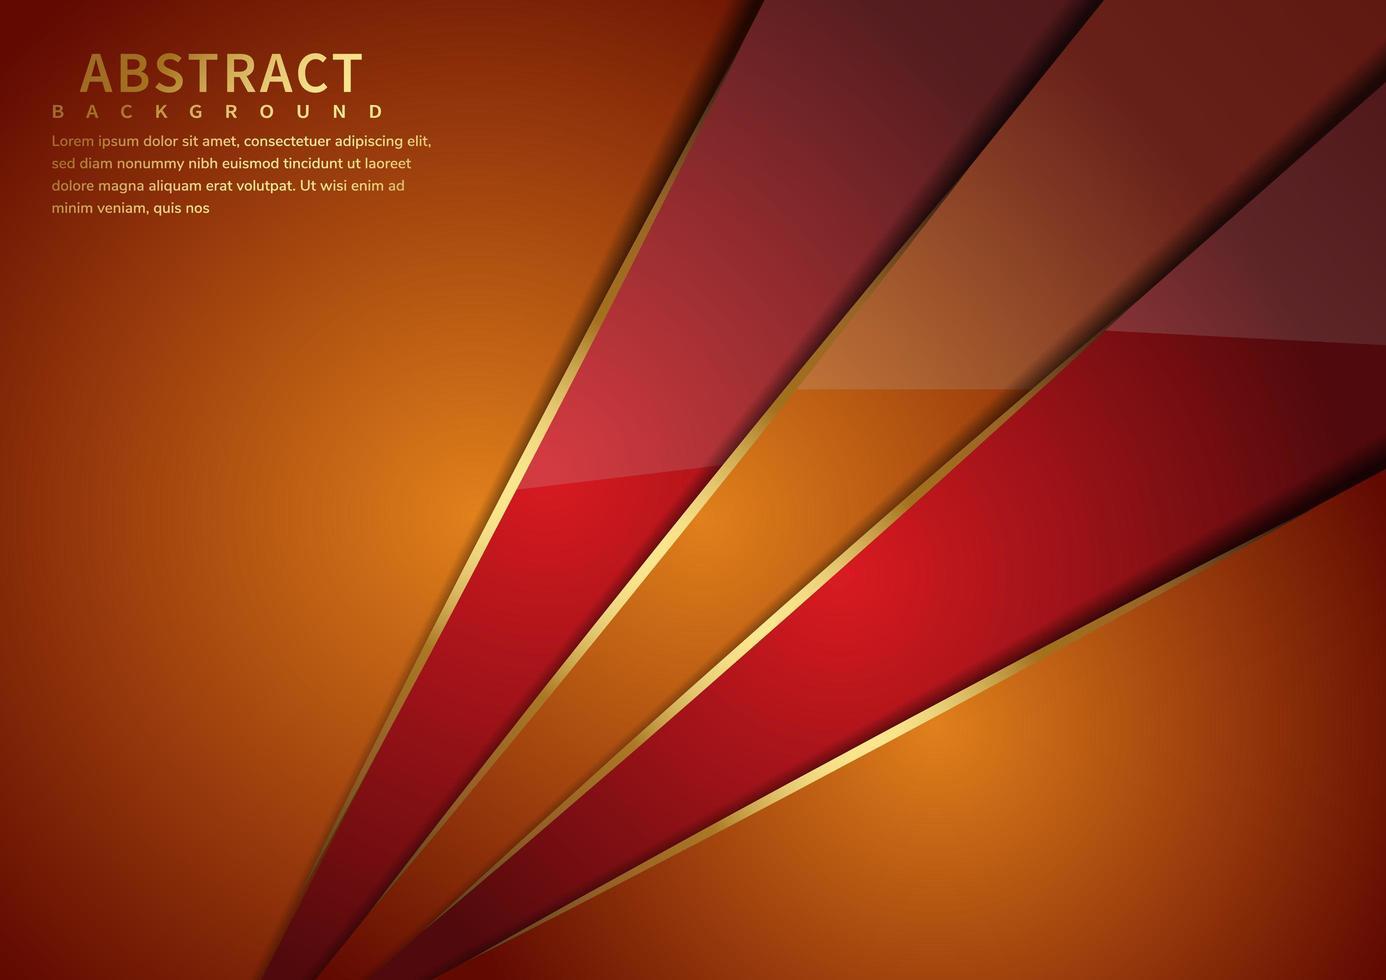 fundo brilhante ângulos laranja e vermelho vetor